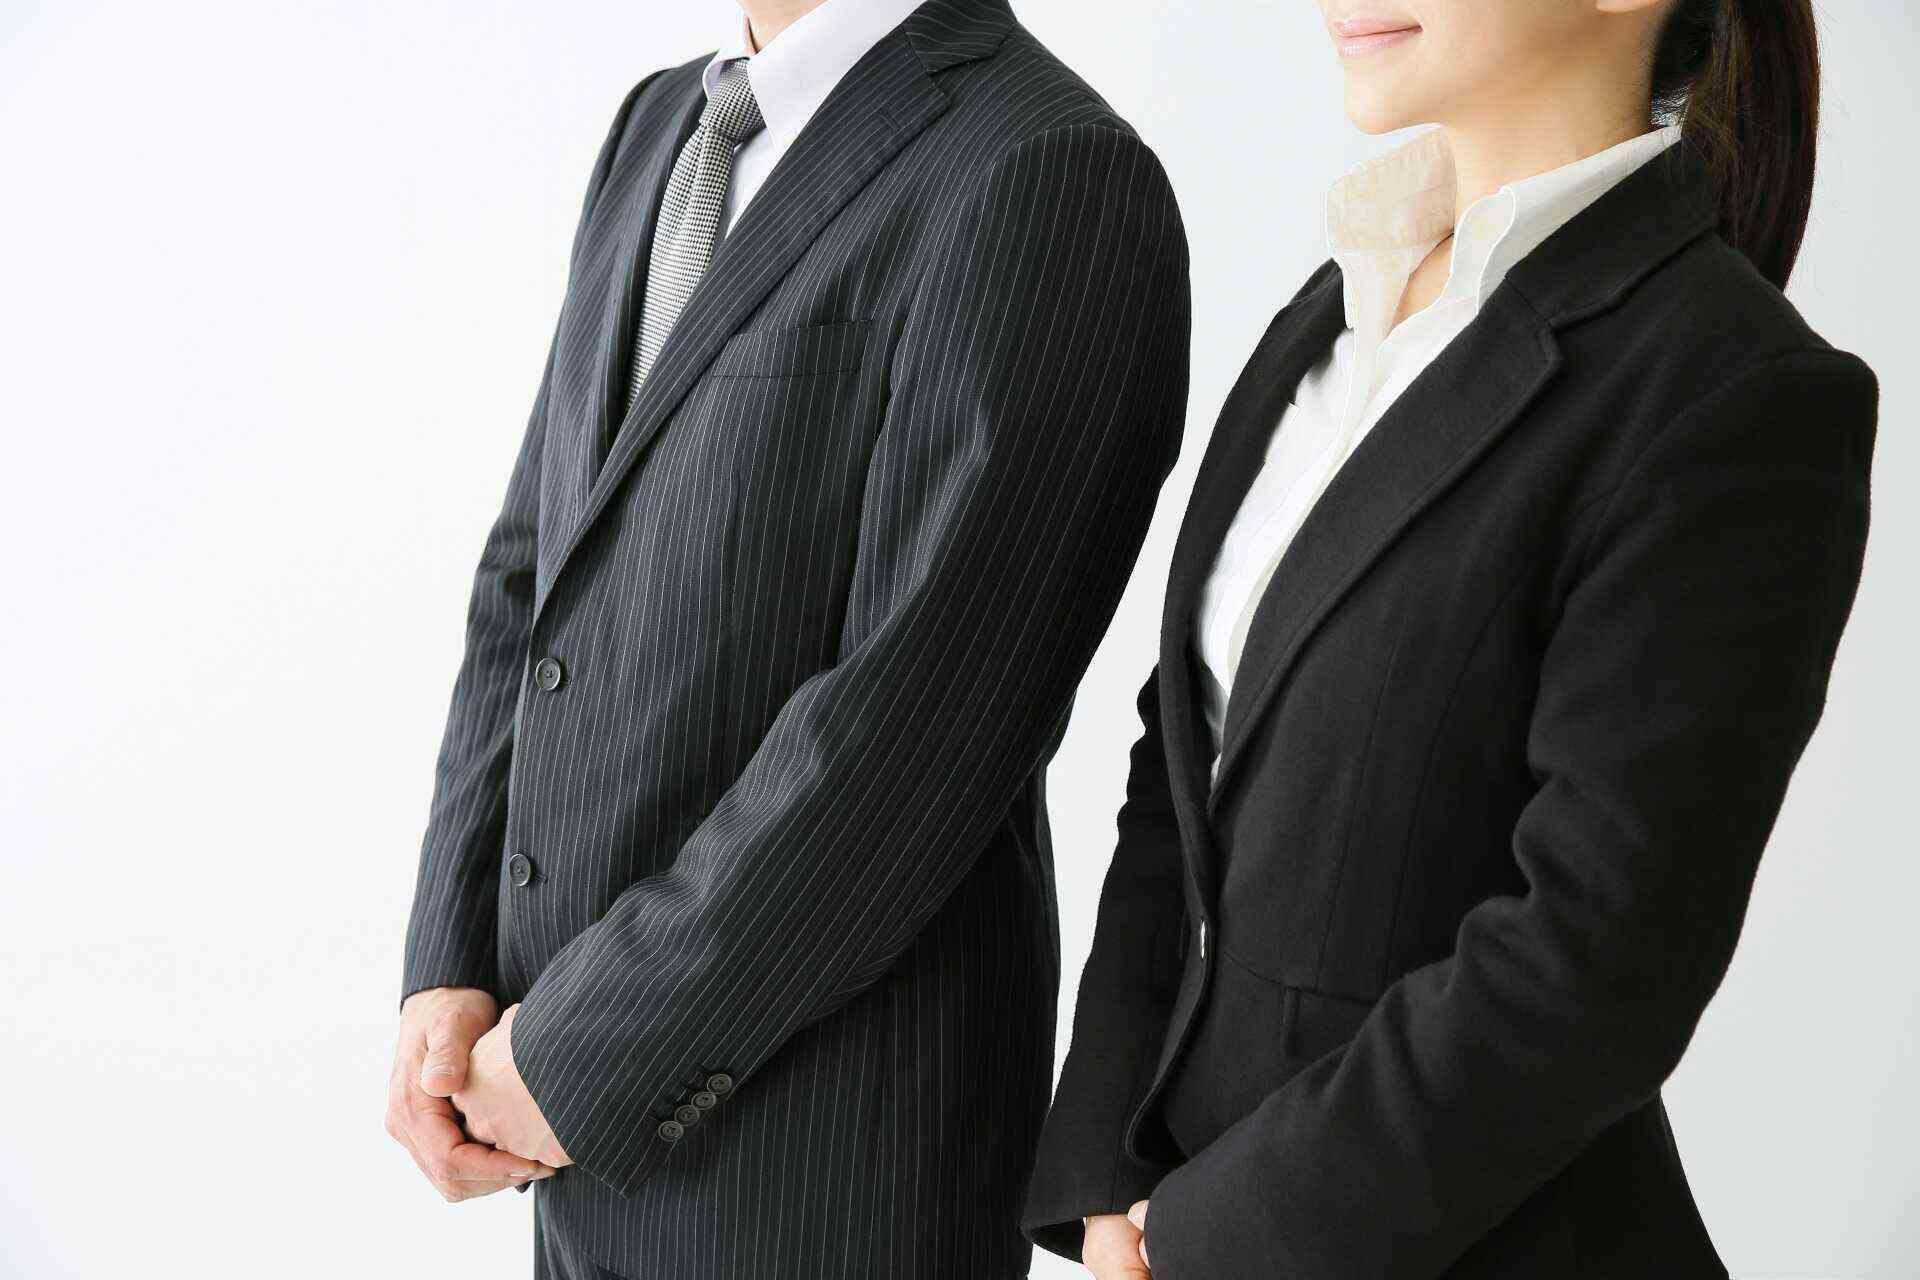 【男女別】リクルートスーツの必須アイテム